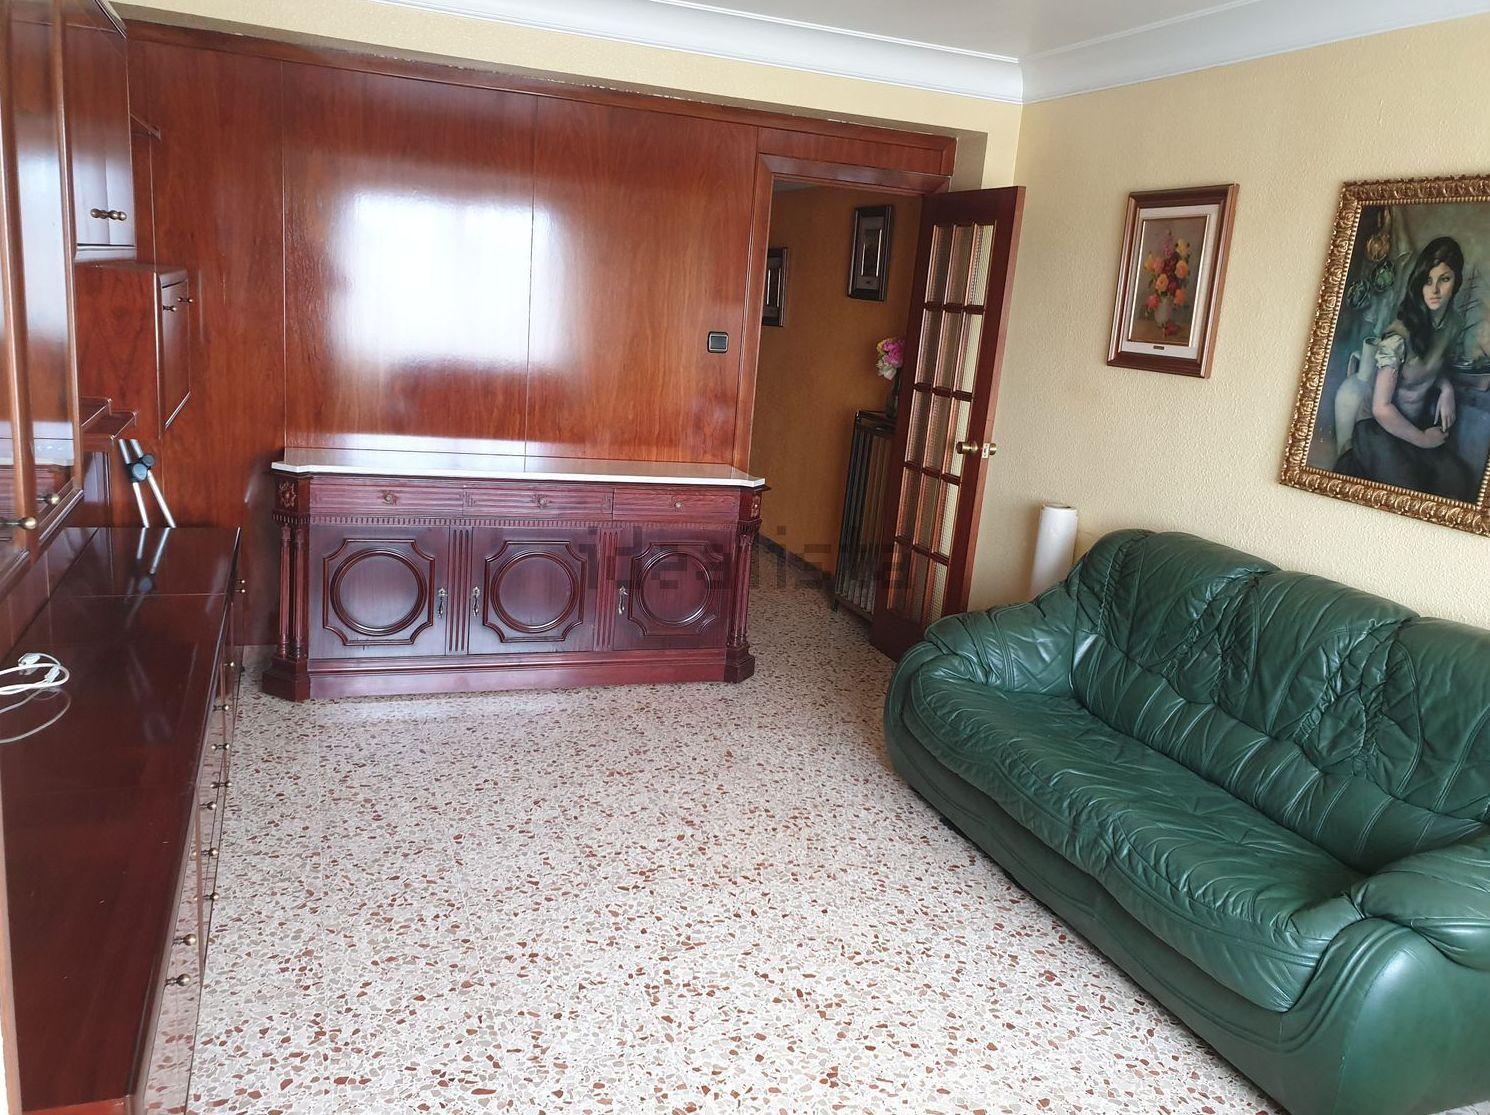 Las Fuentes, calle Comuneros de Castilla, 3 dormitorios, 7ª planta, : Inmuebles de Fincas Goya